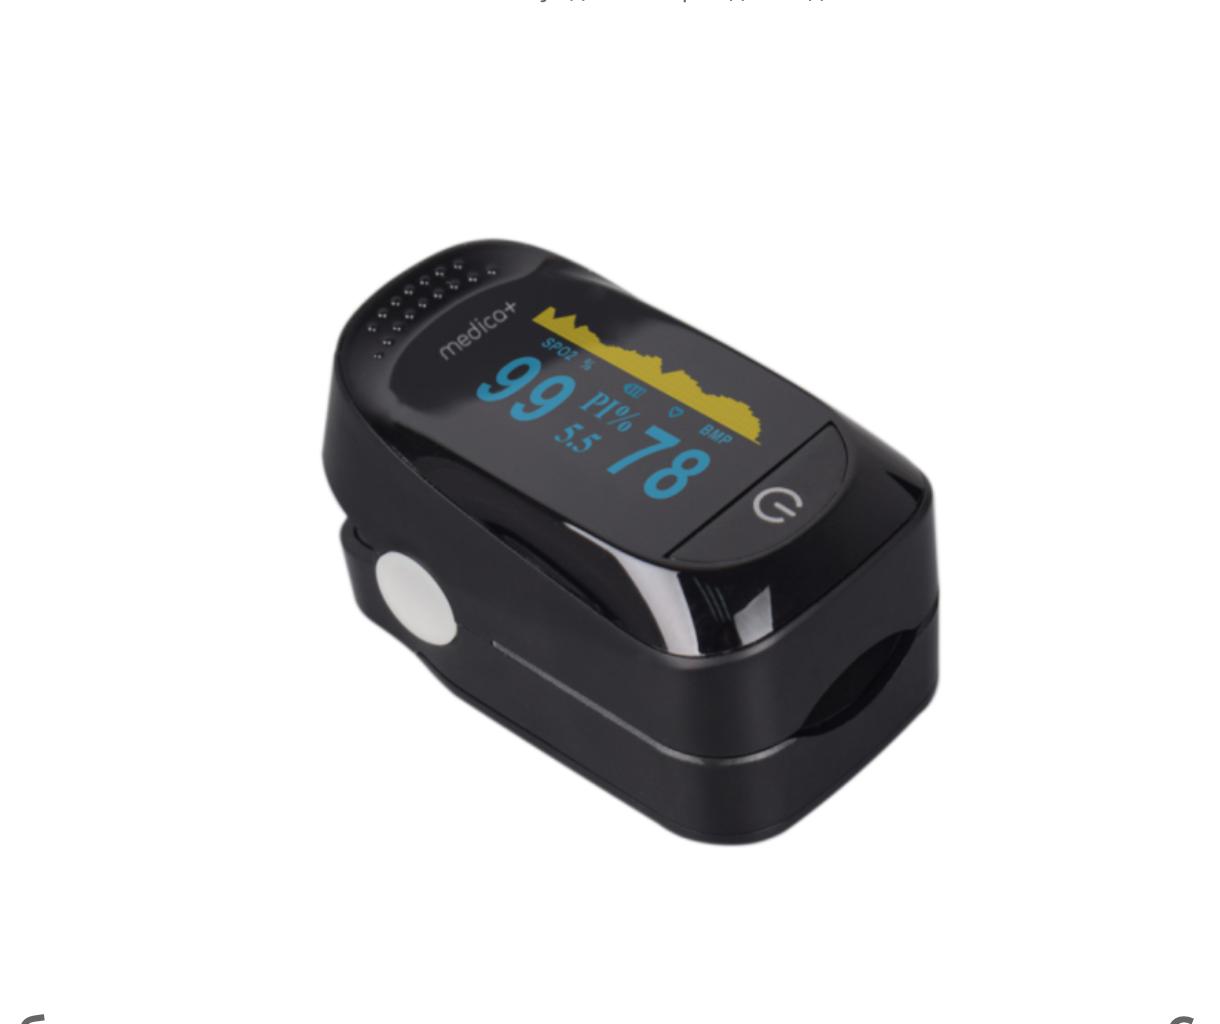 Пульсоксиметр на палец для измерения пульса и сатурации крови MEDICA+ CARDIO CONTROL 7.0 BLACK